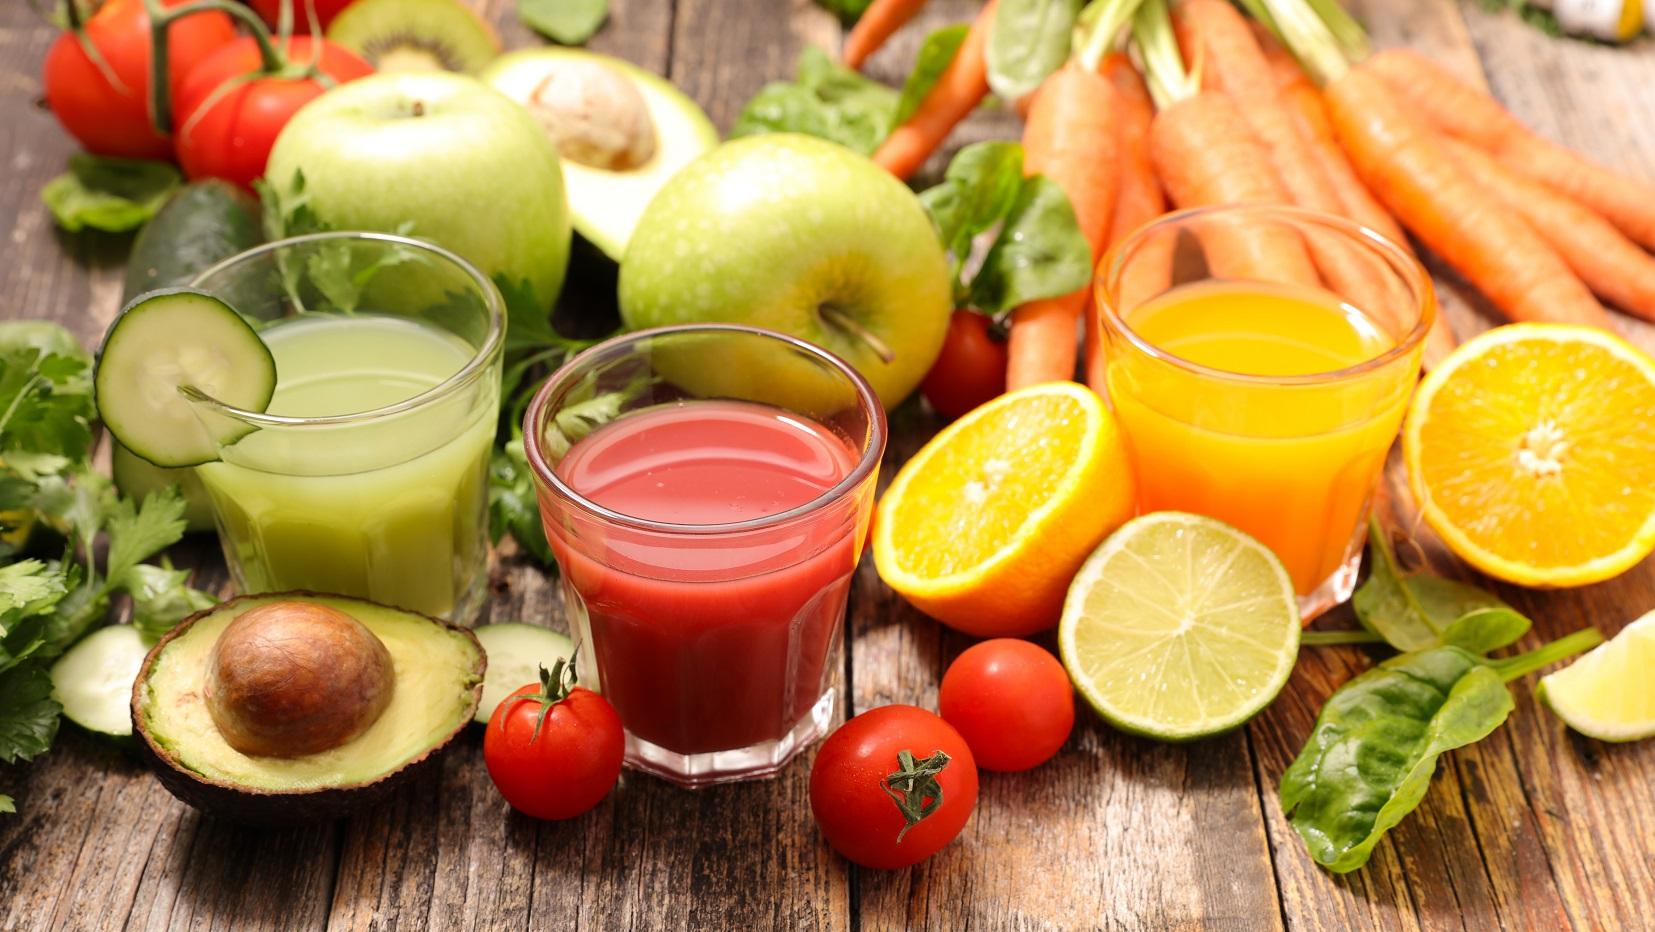 Ce beneficii poti extrage de la un storcator de fructe si legume?